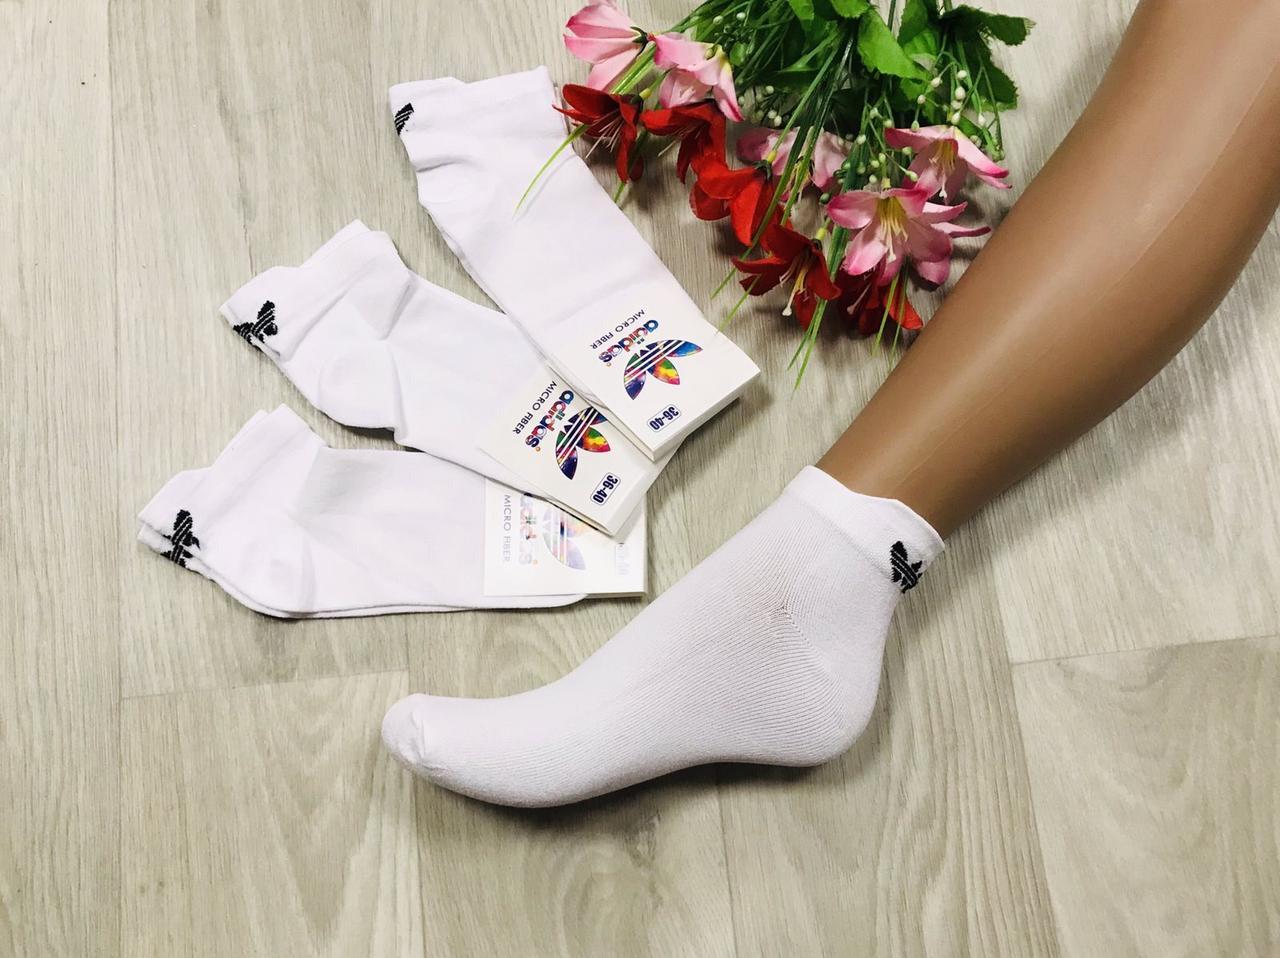 Носки демисезонные ароматизированные из микрофибры Adidas Турция размер 36-40 белые